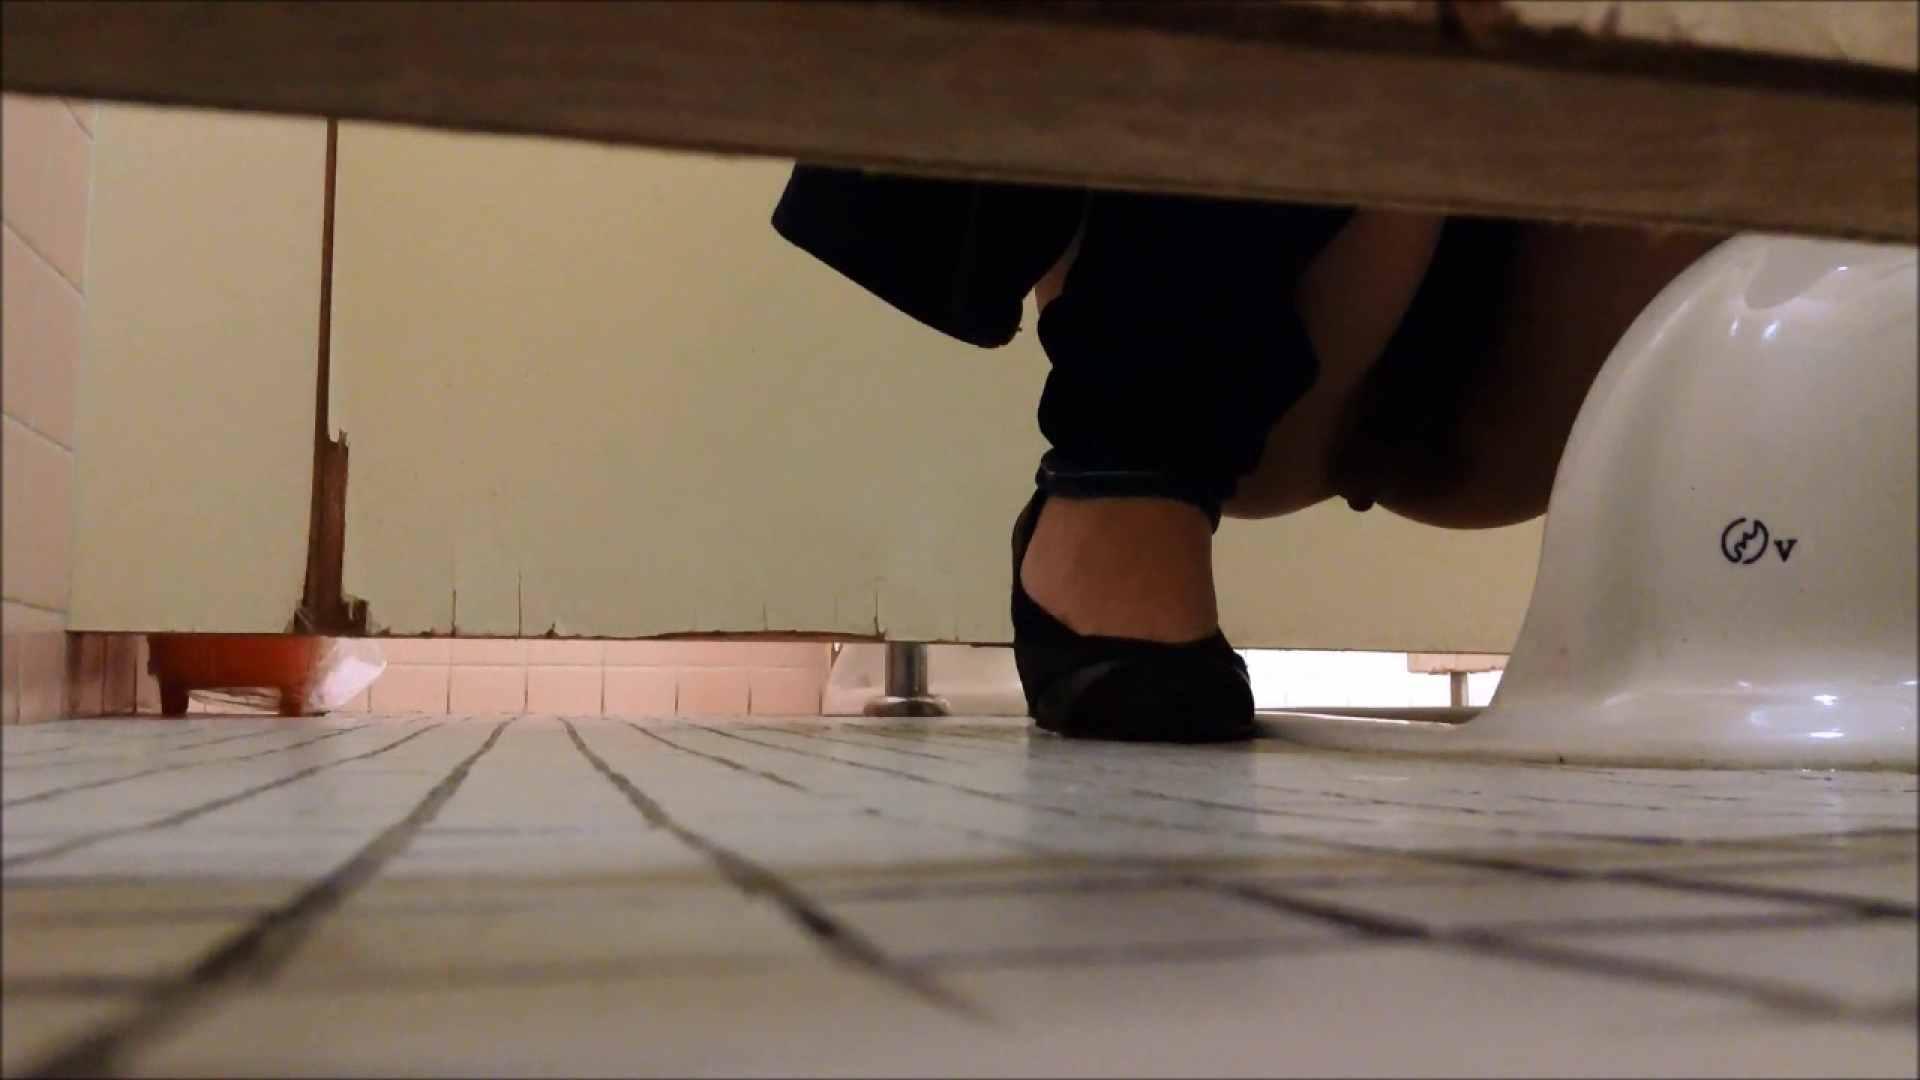 某有名大学女性洗面所 vol.06 ギャル達 アダルト動画キャプチャ 111枚 92